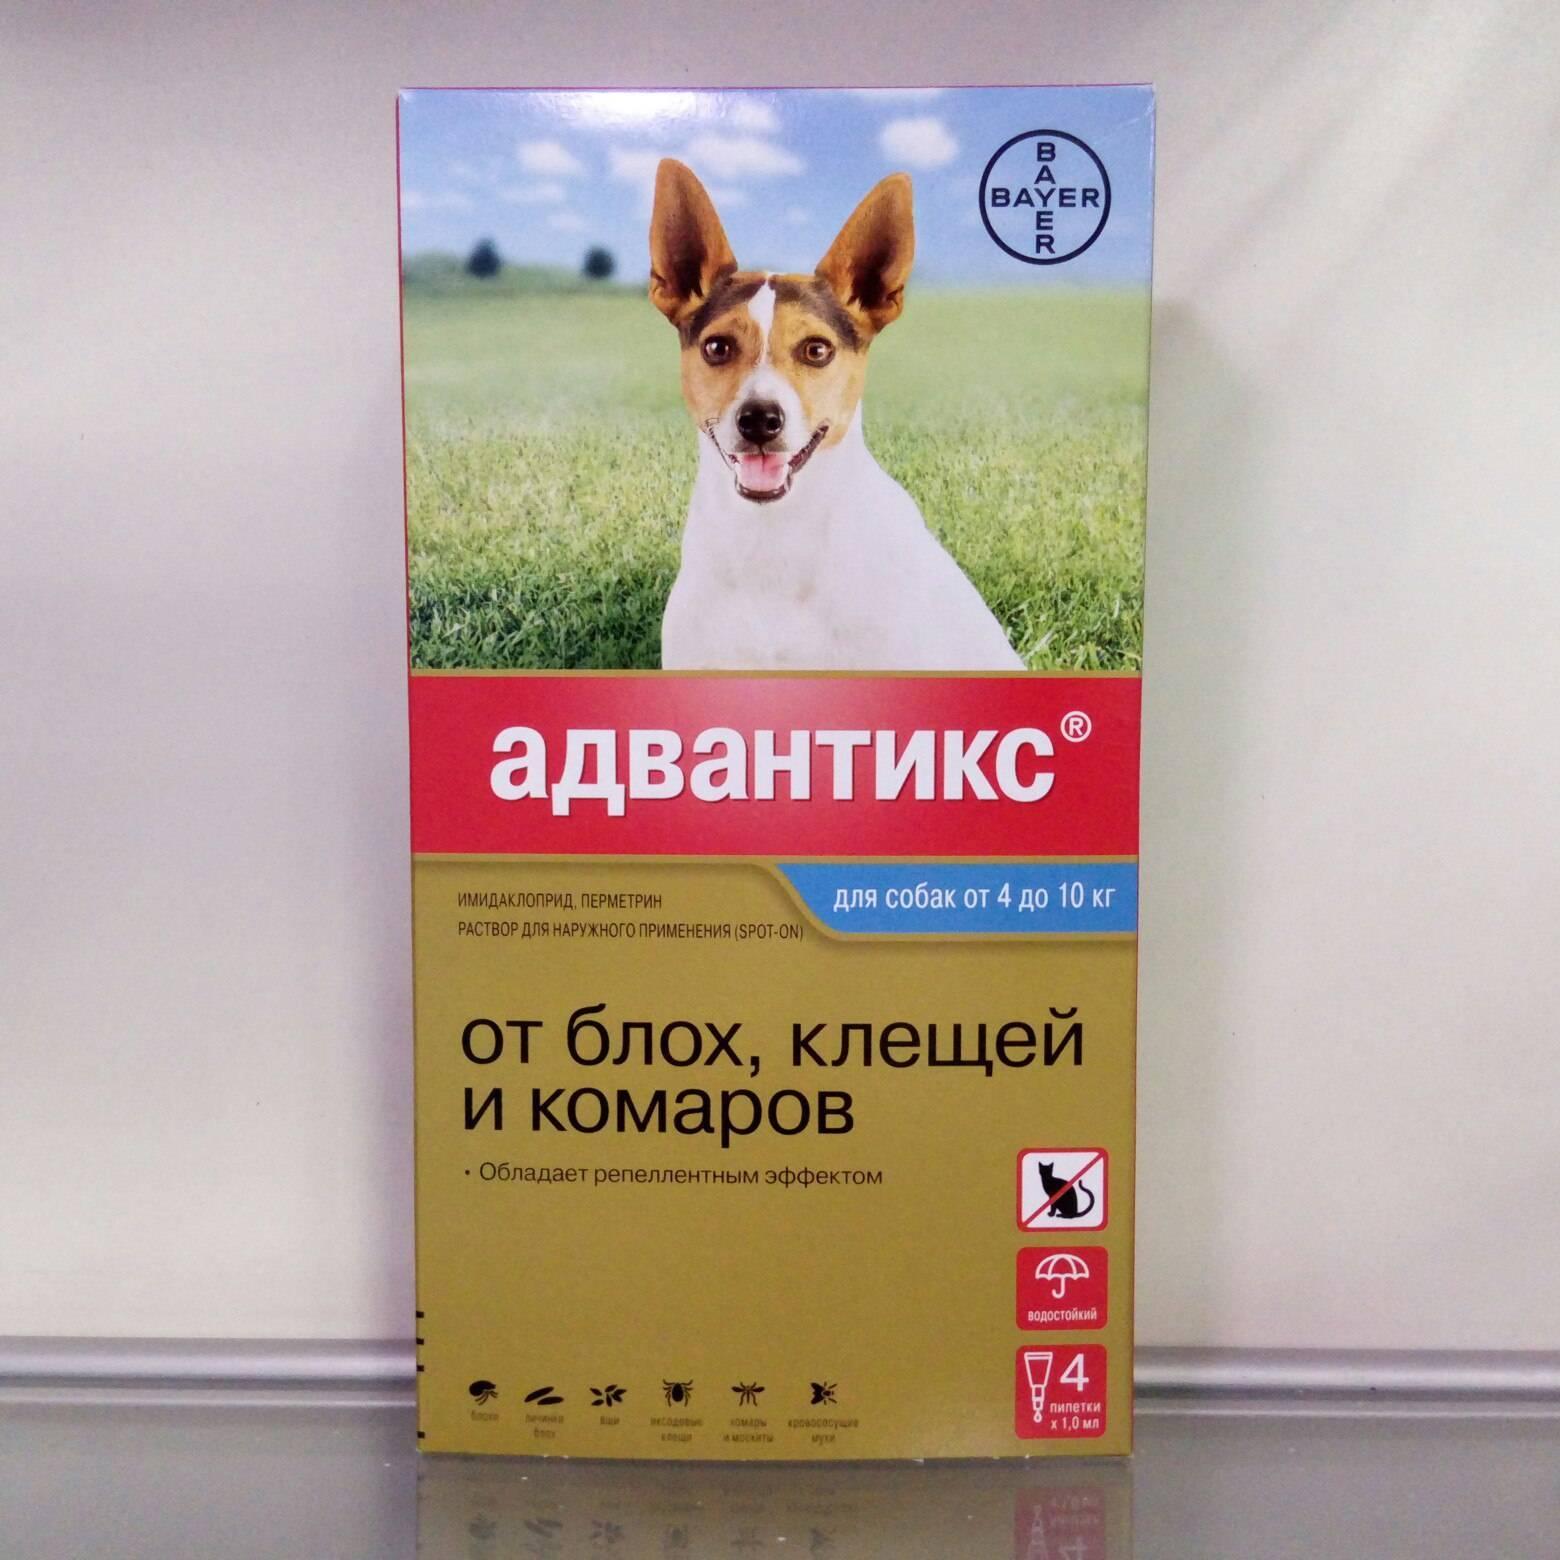 Адвантикс для собак: инструкция по применению, цена, отзывы